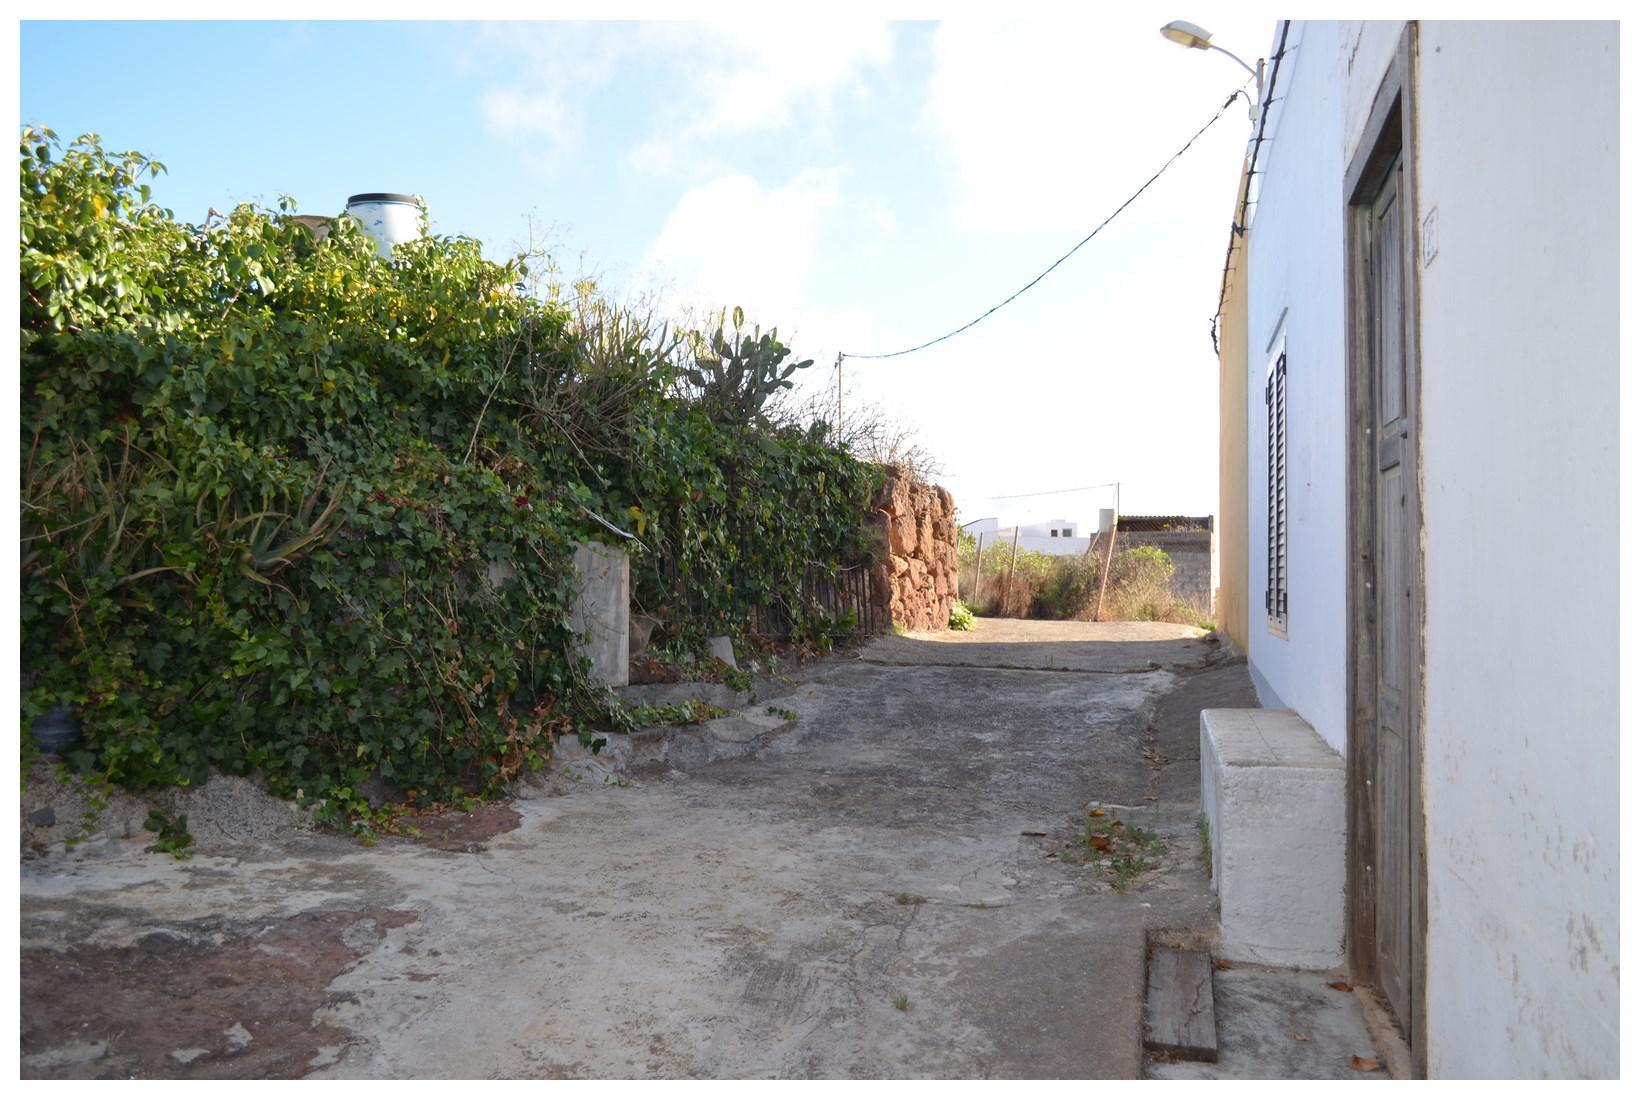 166163 - Fant�stica casa terrera con terreno en La Dehesa (Gu�a)